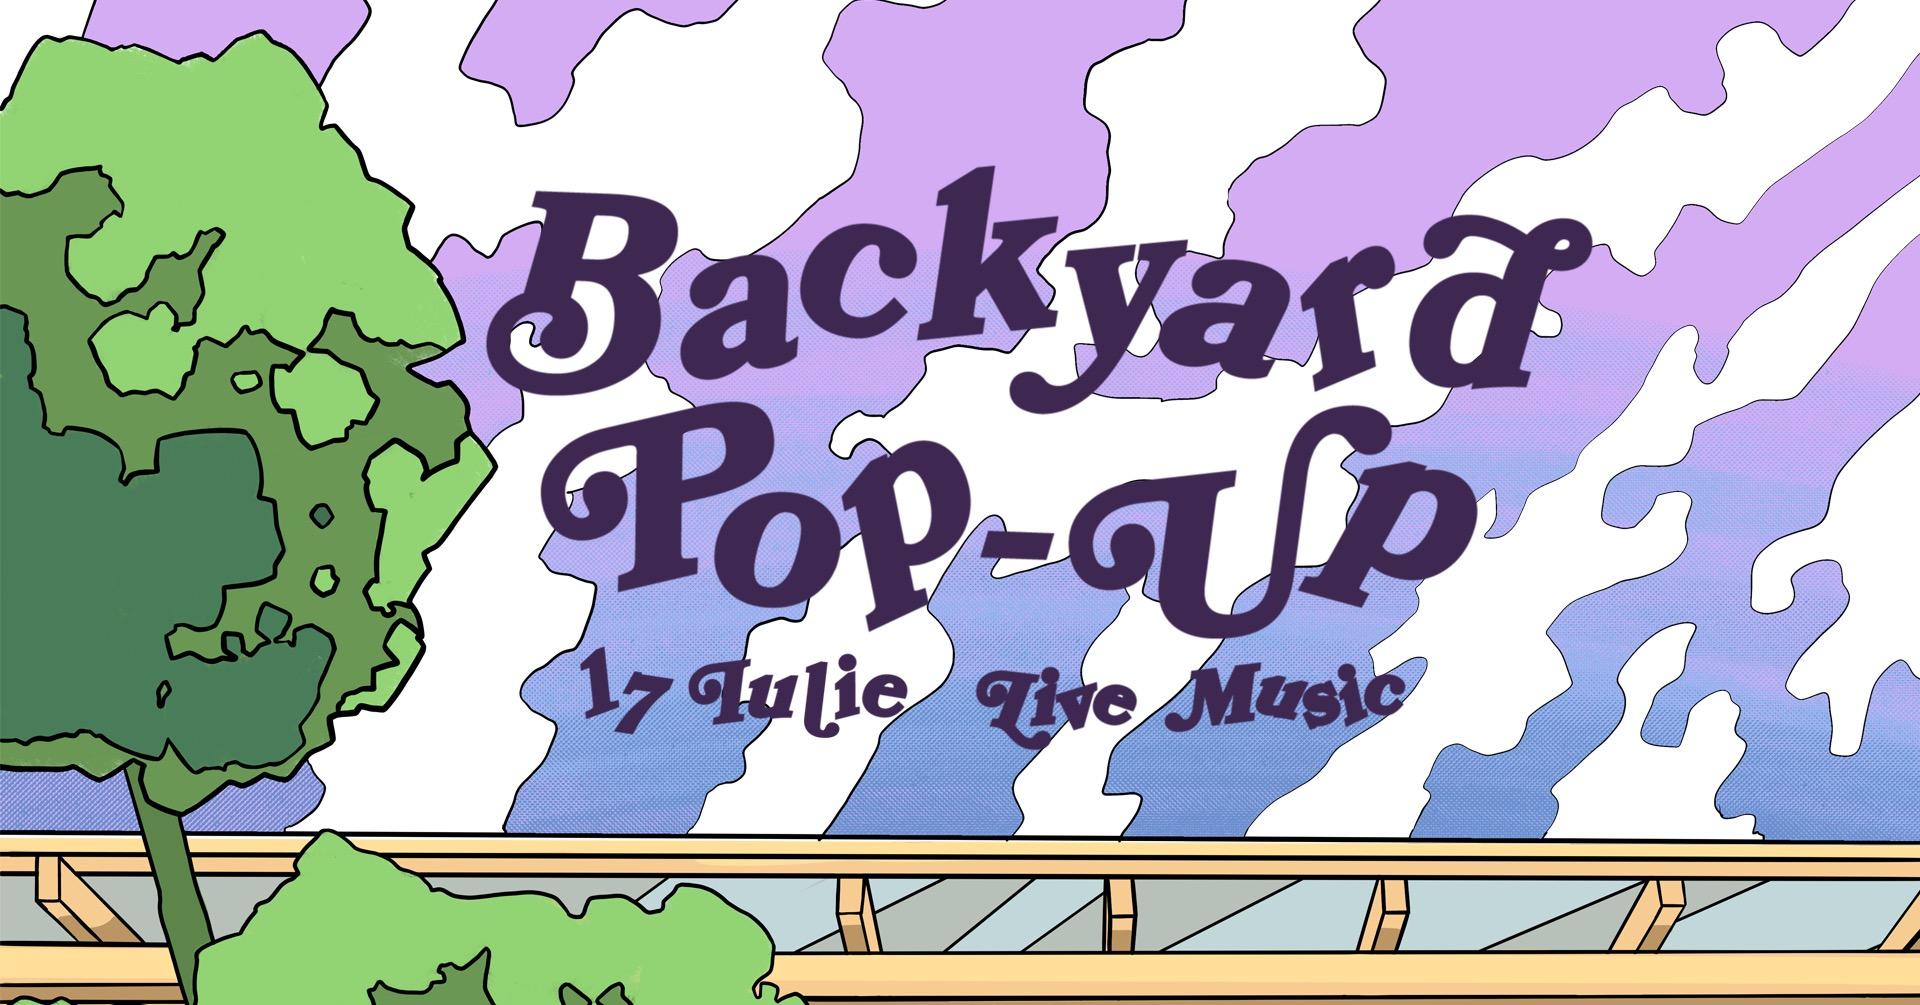 Backyard Pop-up